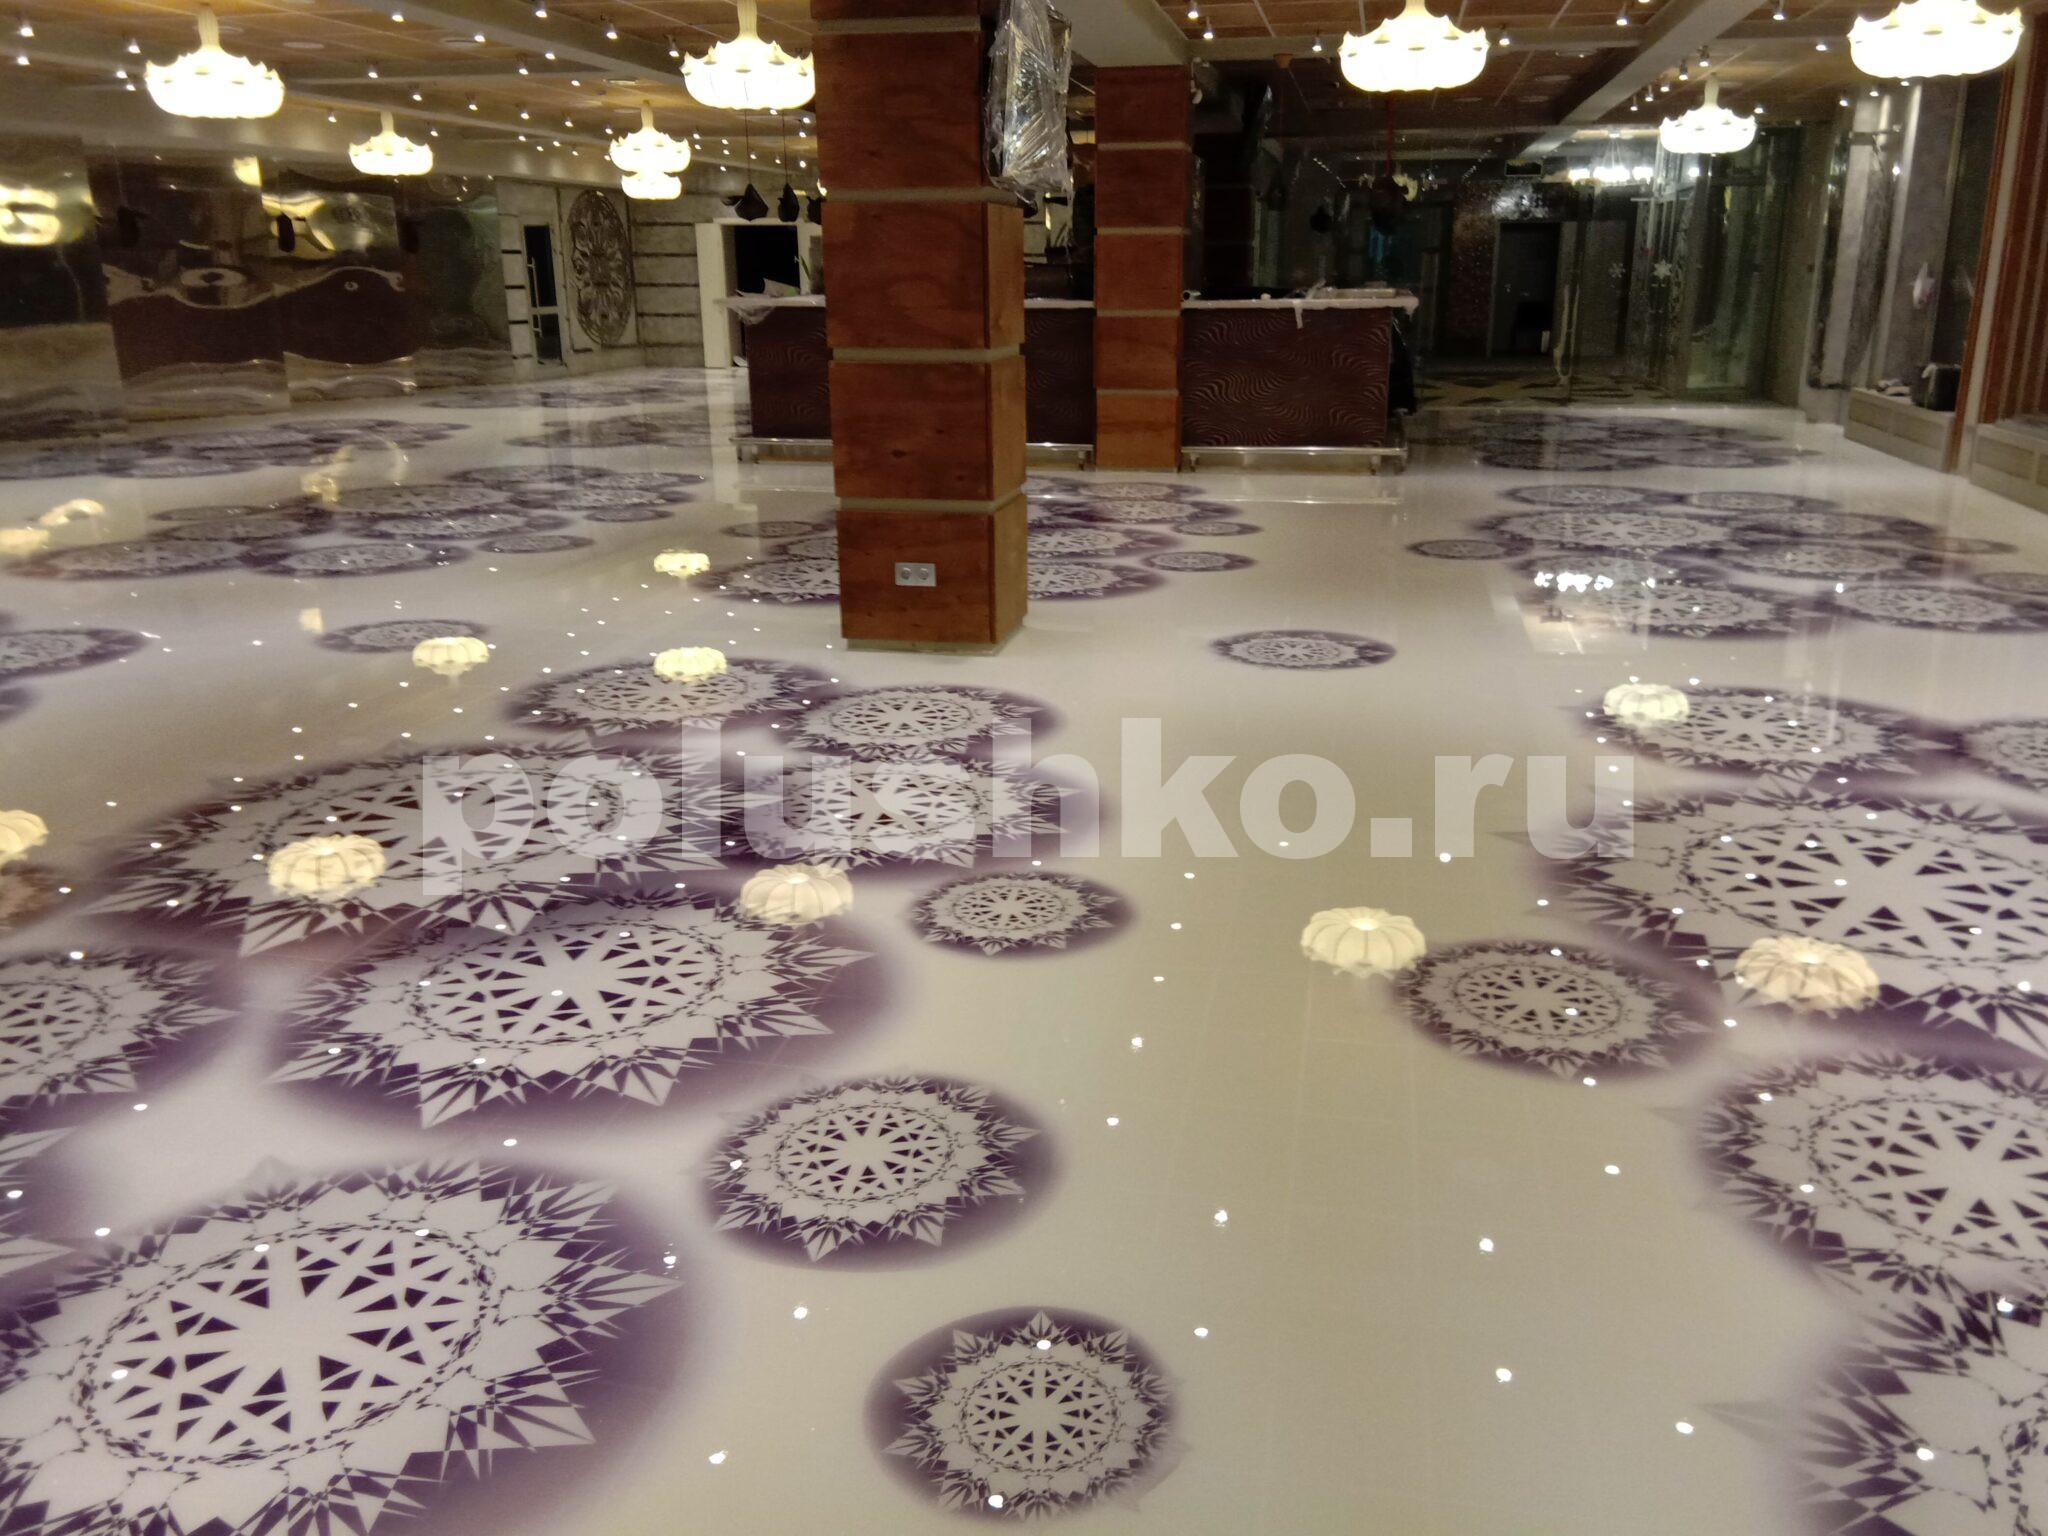 белый наливной пол со снежинками в ресторане